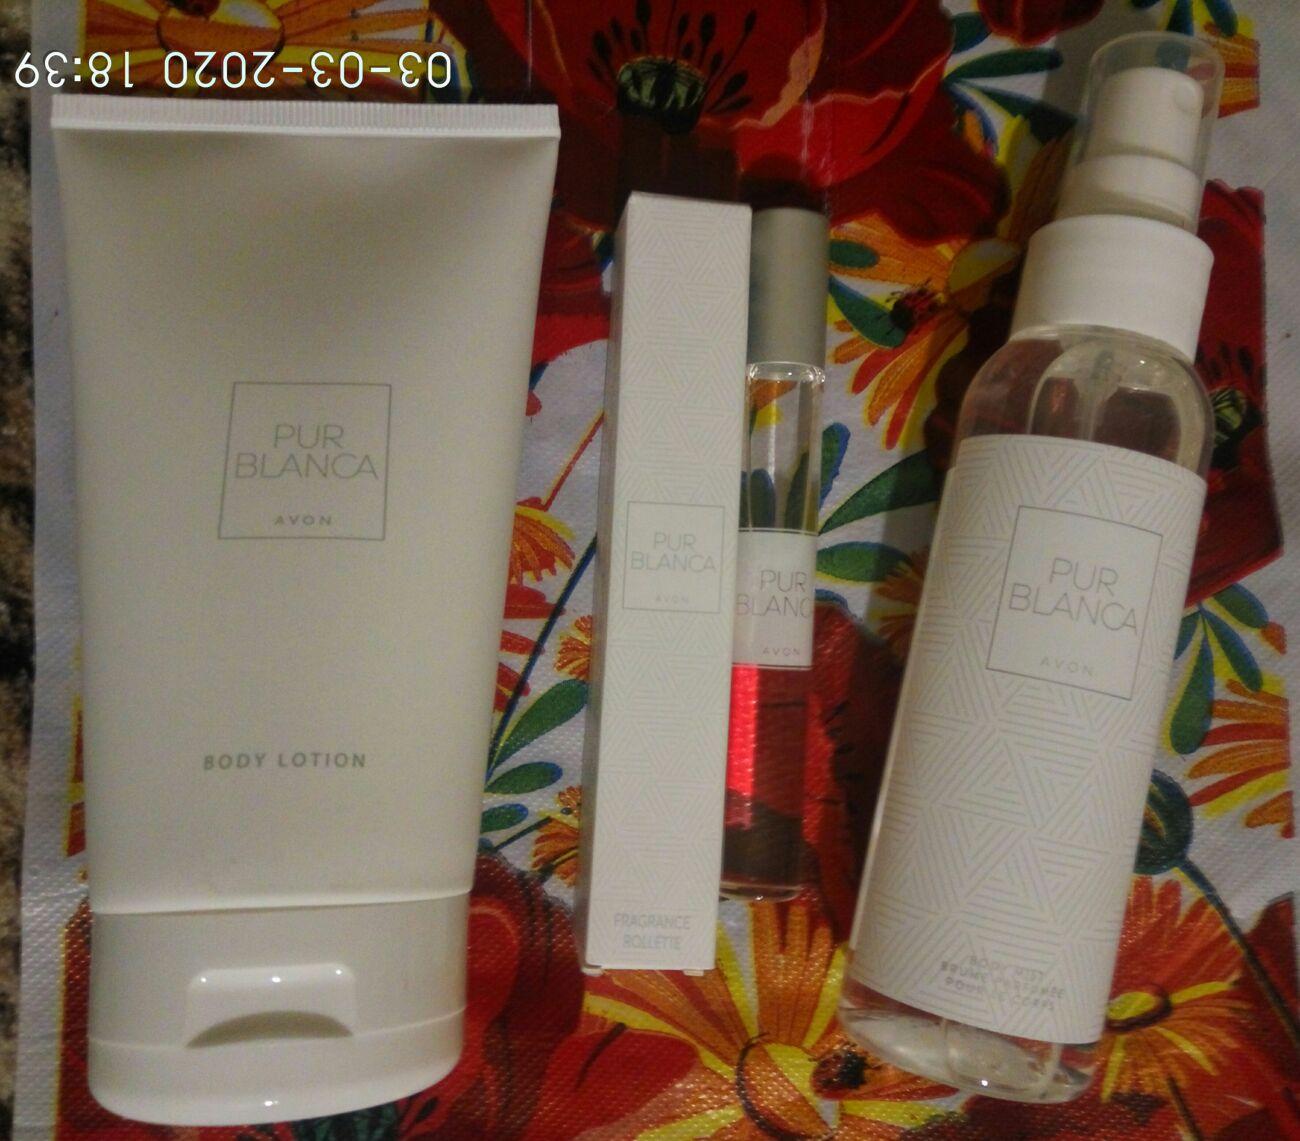 Женский подарочный набор 3шт Avon Pur Blanca духи спрей лосьон для тел